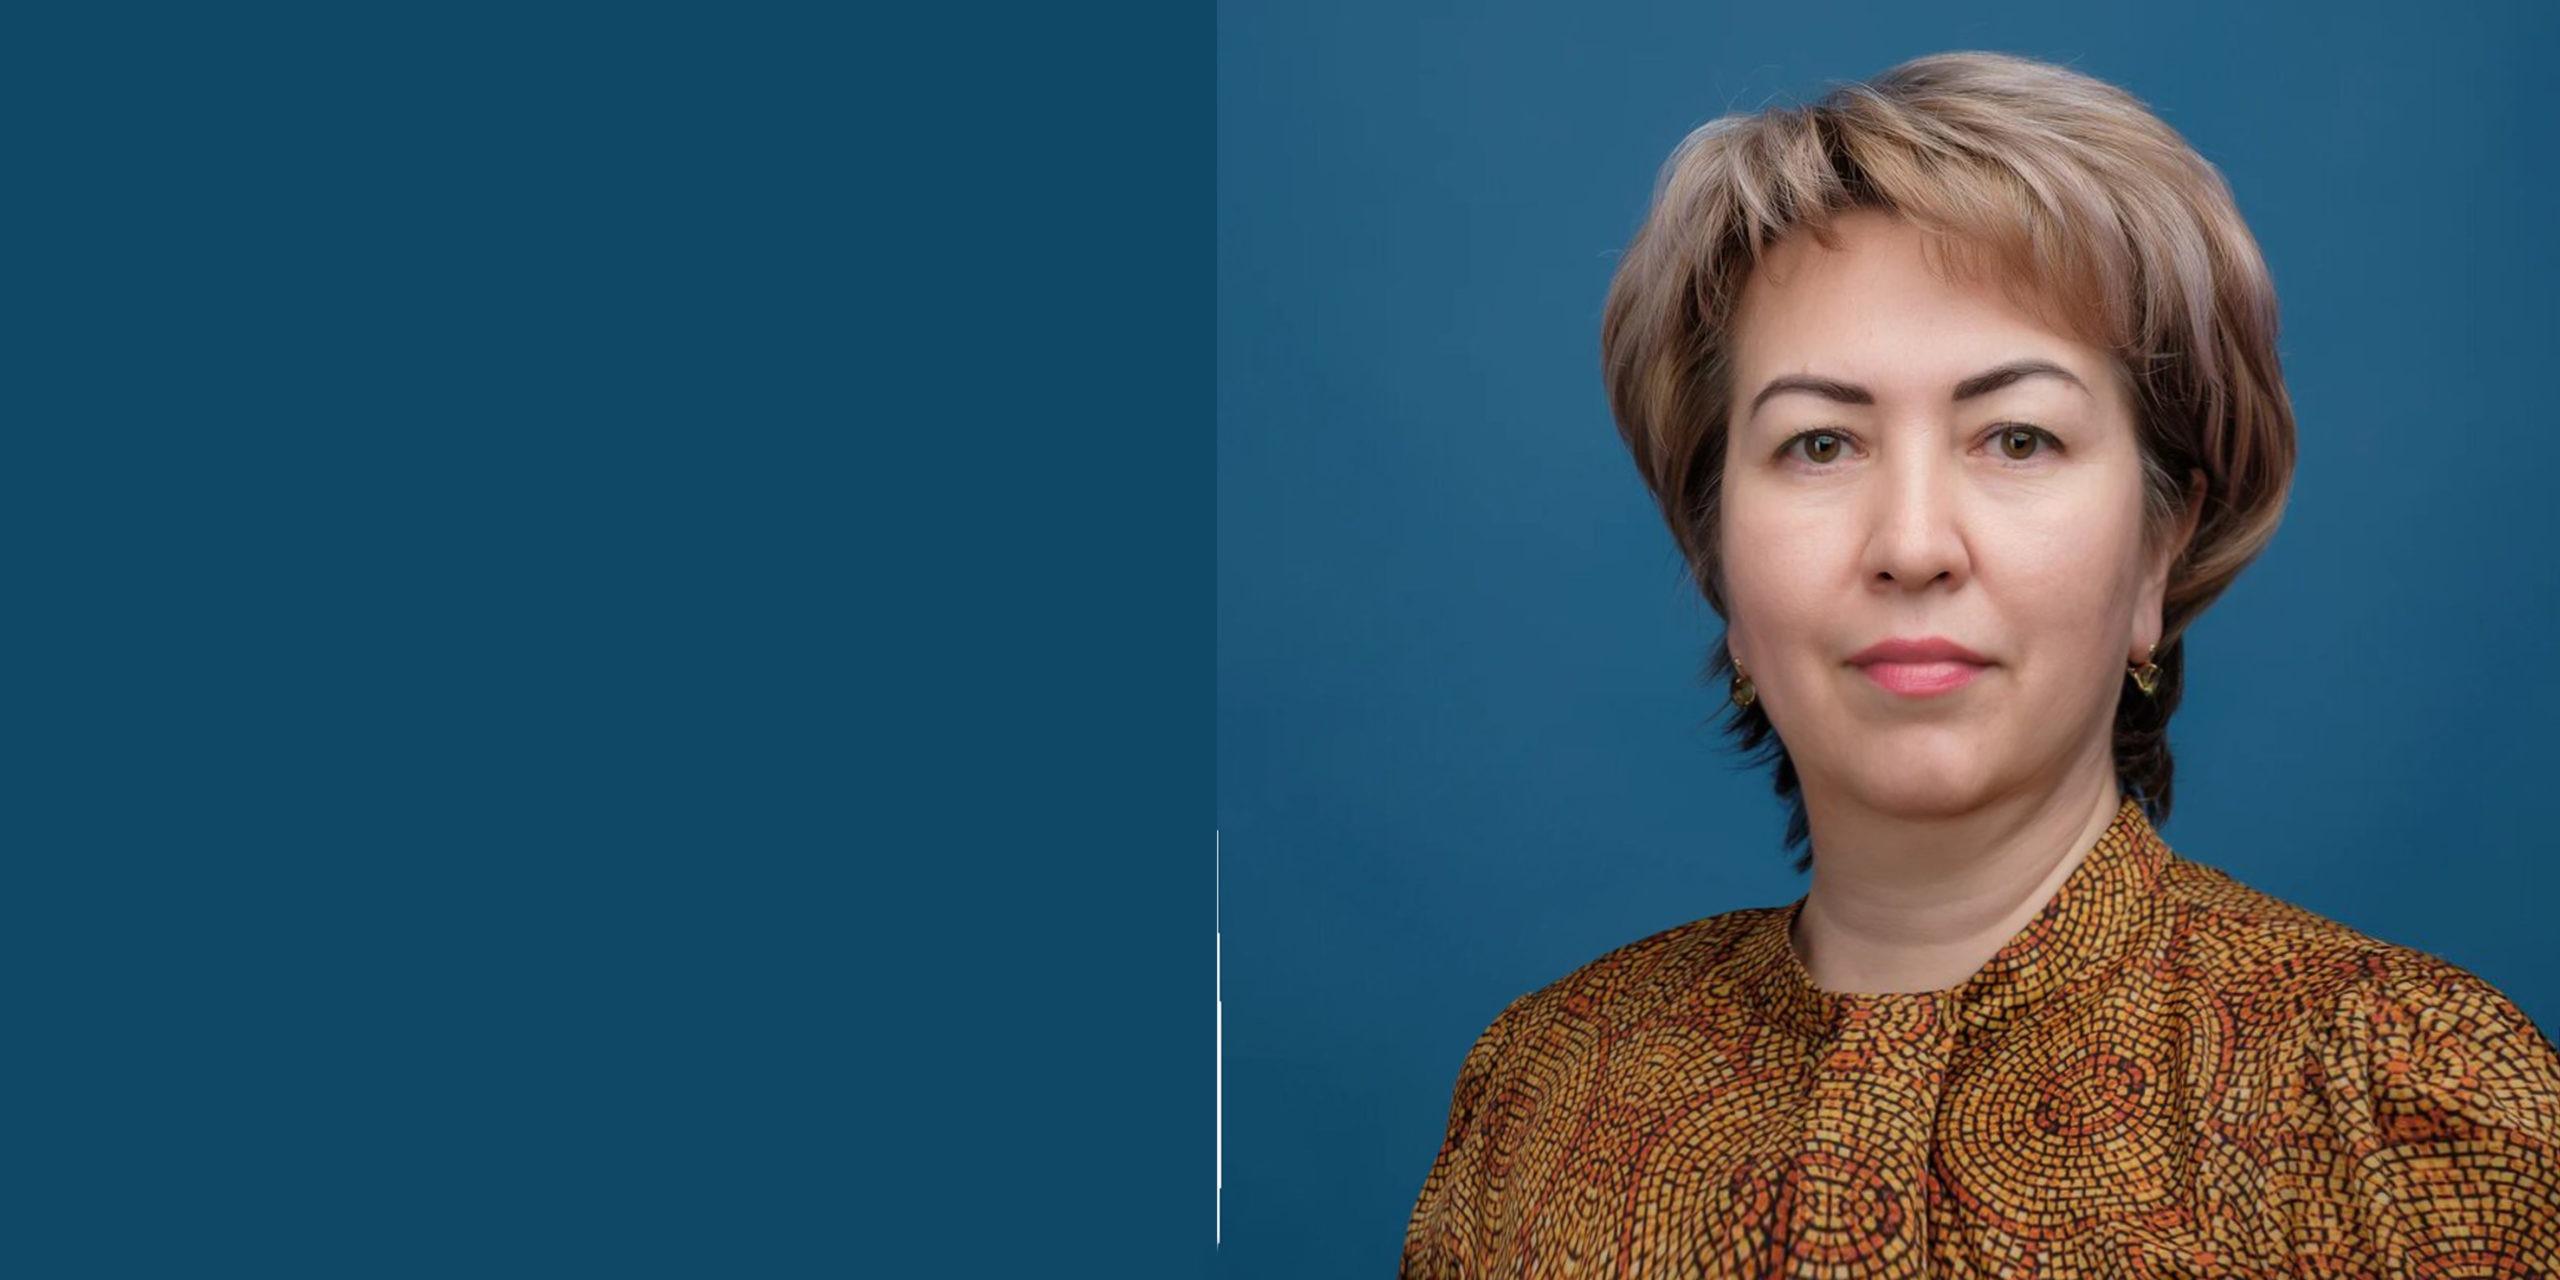 Хасянова Эльмира Владимировна, педагог-психолог центра Эмпатия